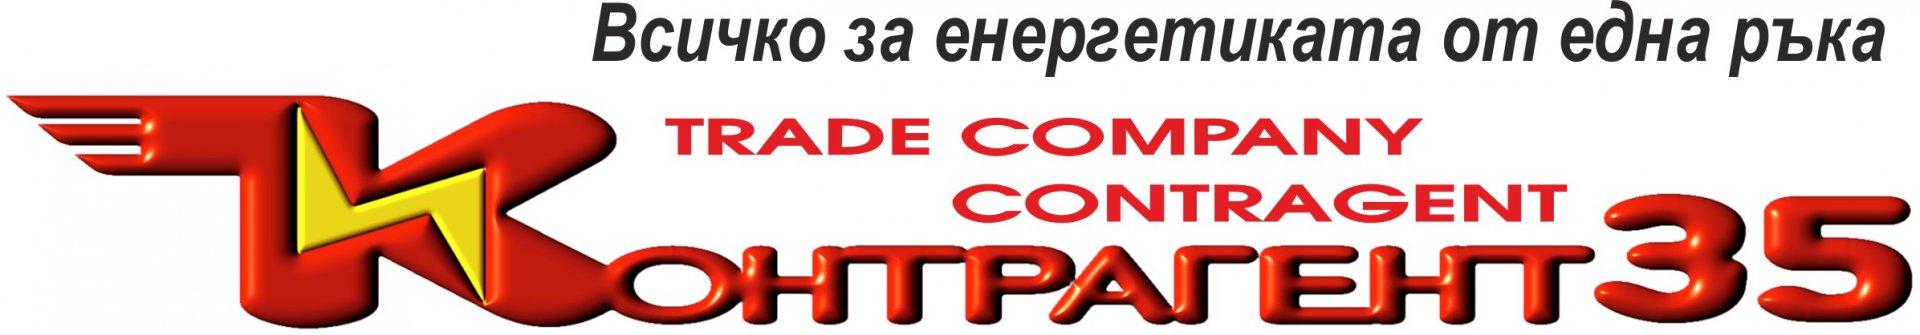 Контрагент 35 ЕООД logo